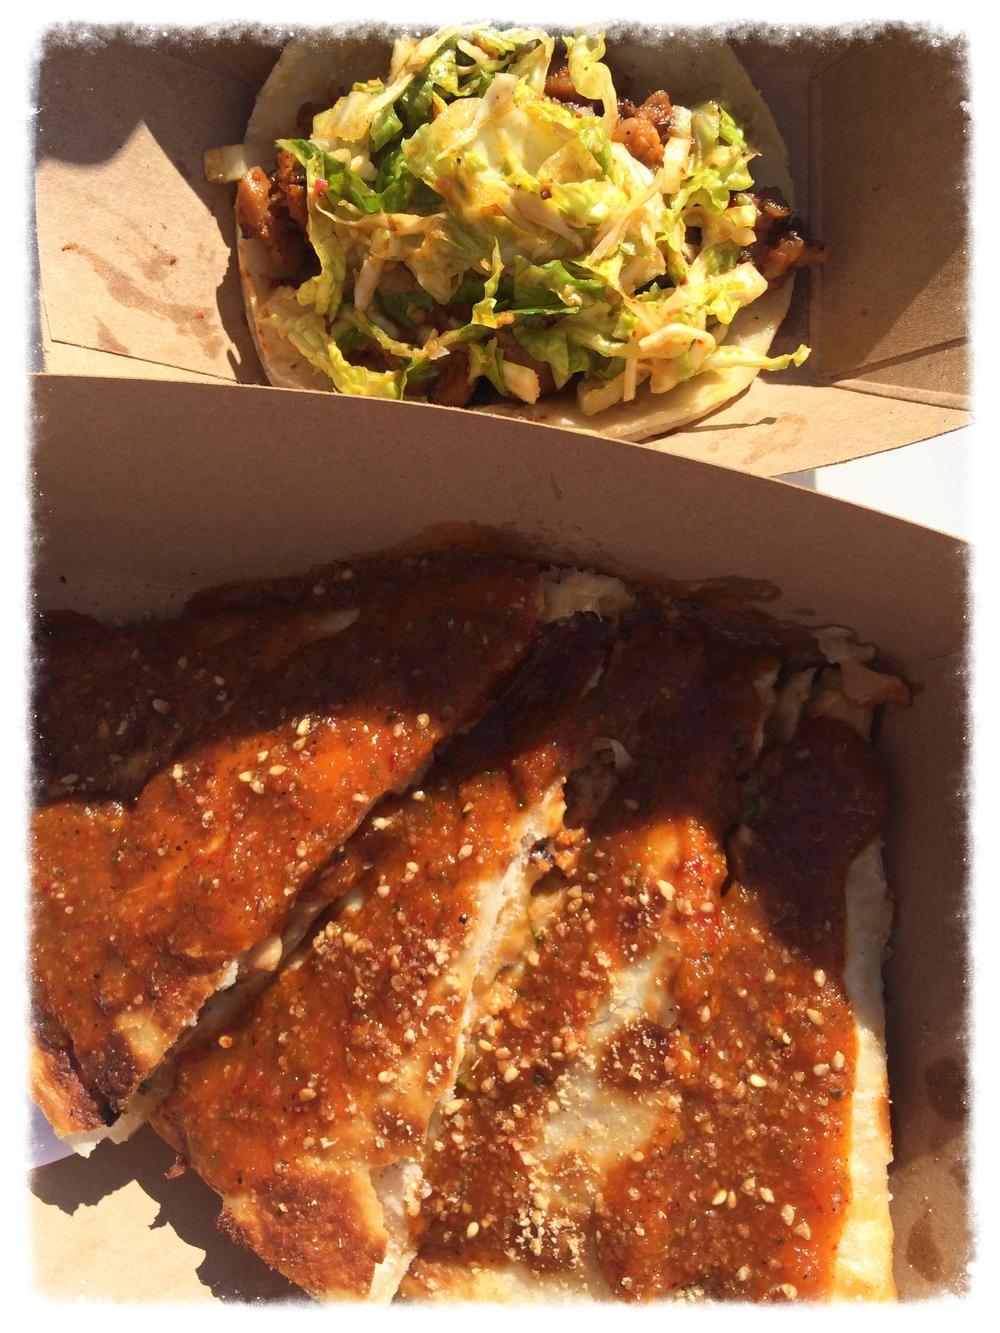 Kogi food truck delights